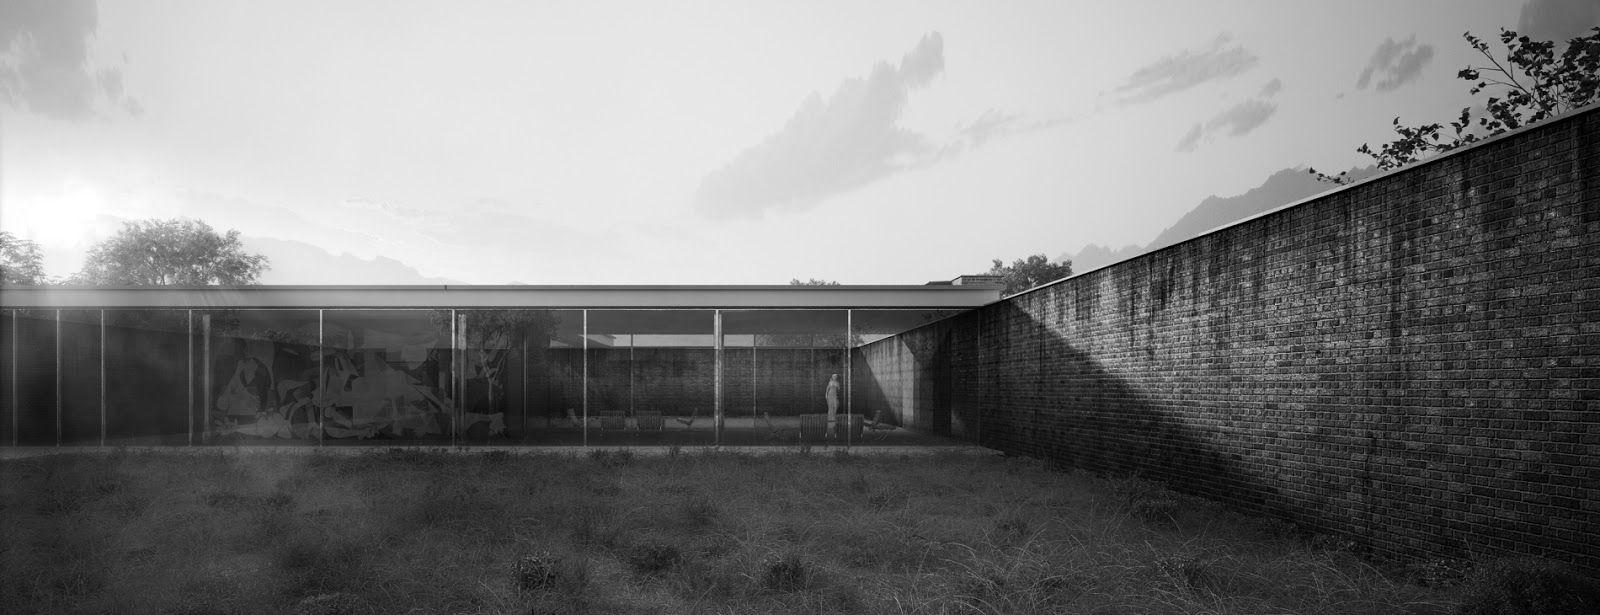 Casa con tres patios mies van der rohe arquitectura for Casa minimalista de mies van der rohe